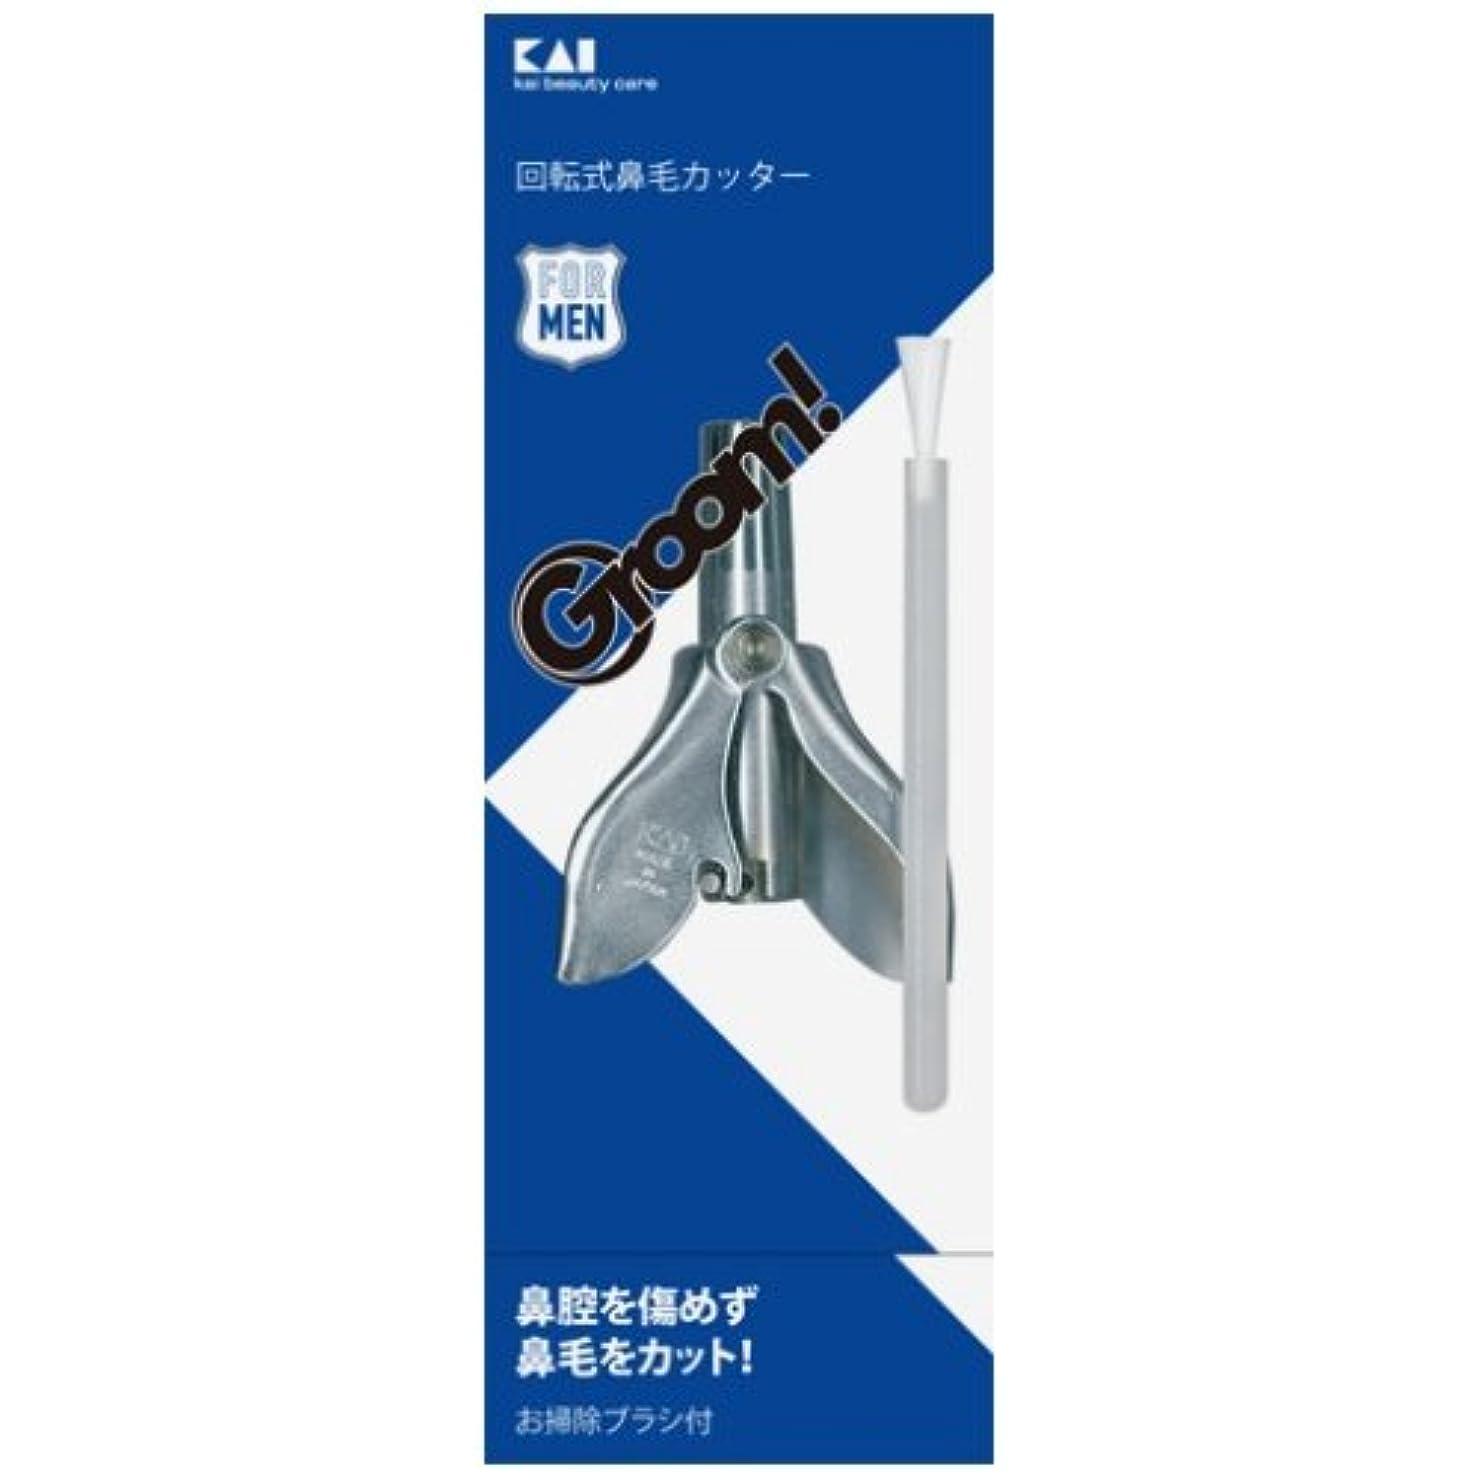 タブレットメドレーフォームグルーム(Groom!)回転式鼻毛カッター HC3037